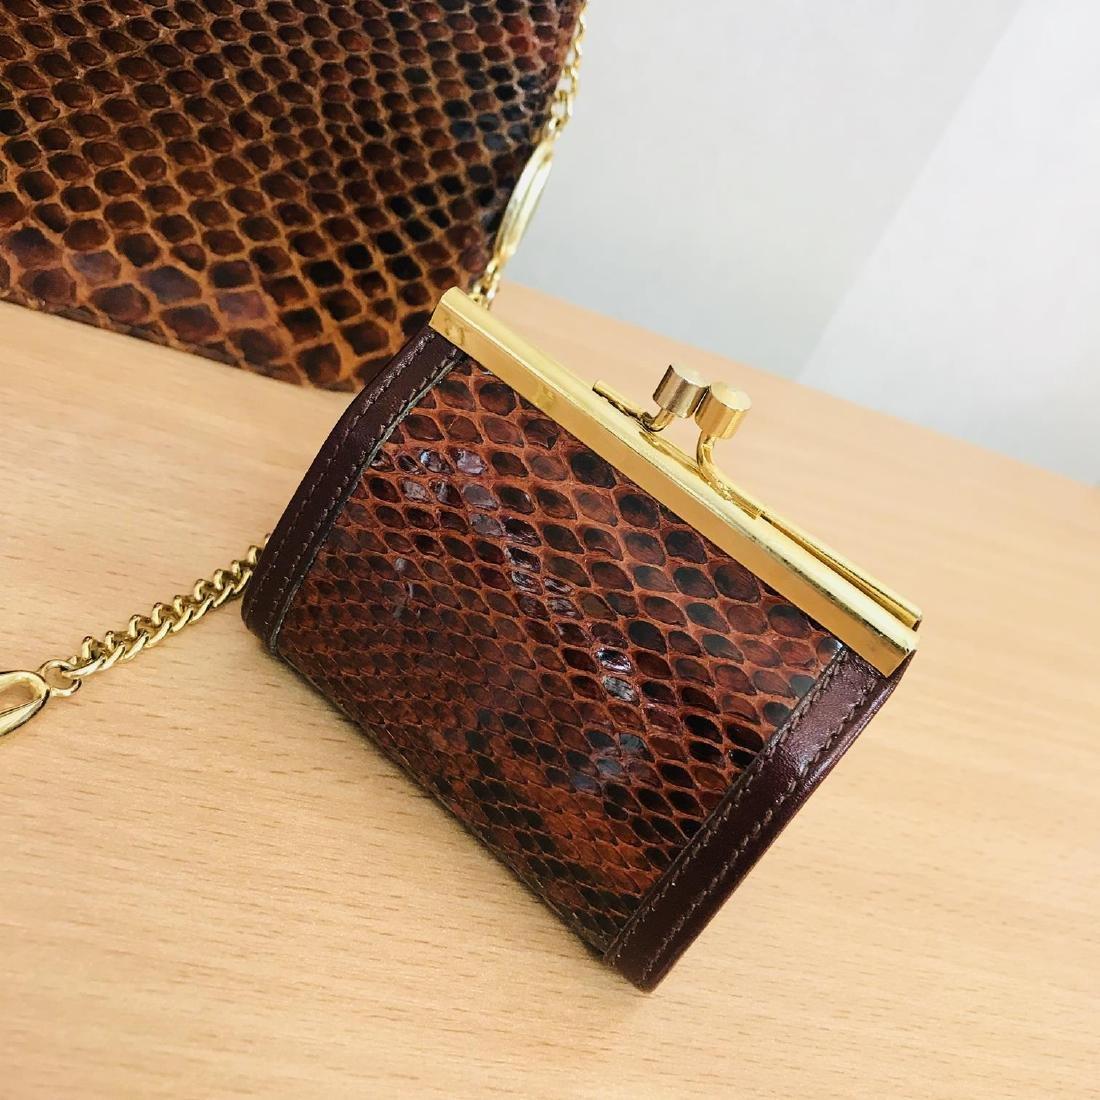 Vintage Genuine Snake Skin Leather Clutch Bag Handbag - 8